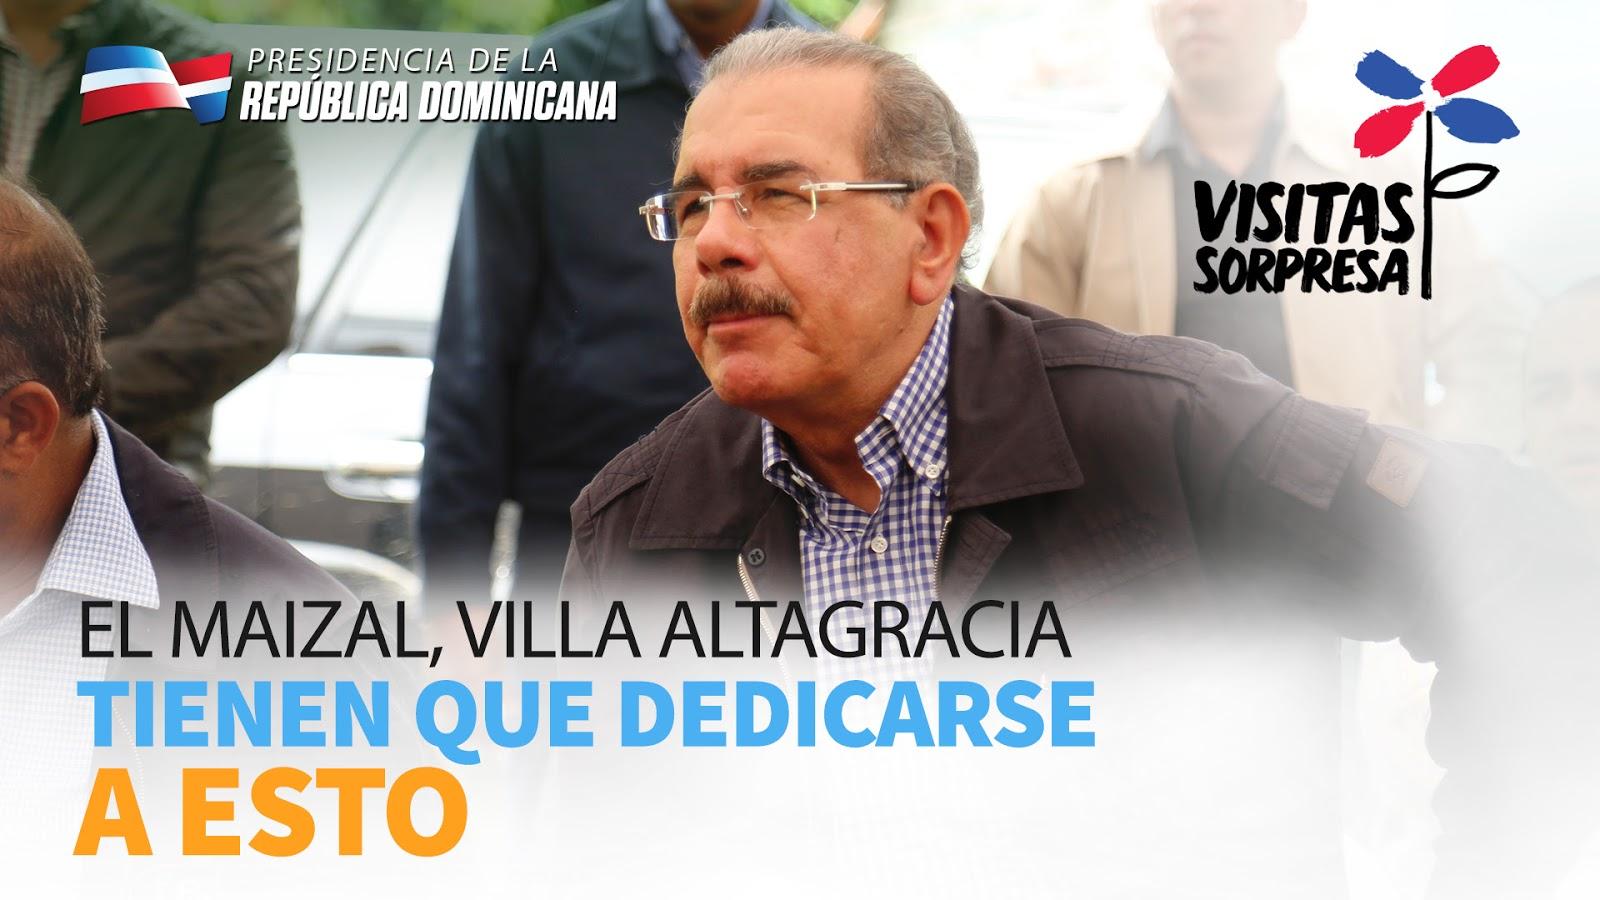 VIDEO: El Maizal, Villa Altagracia. Tienen que dedicarse a esto